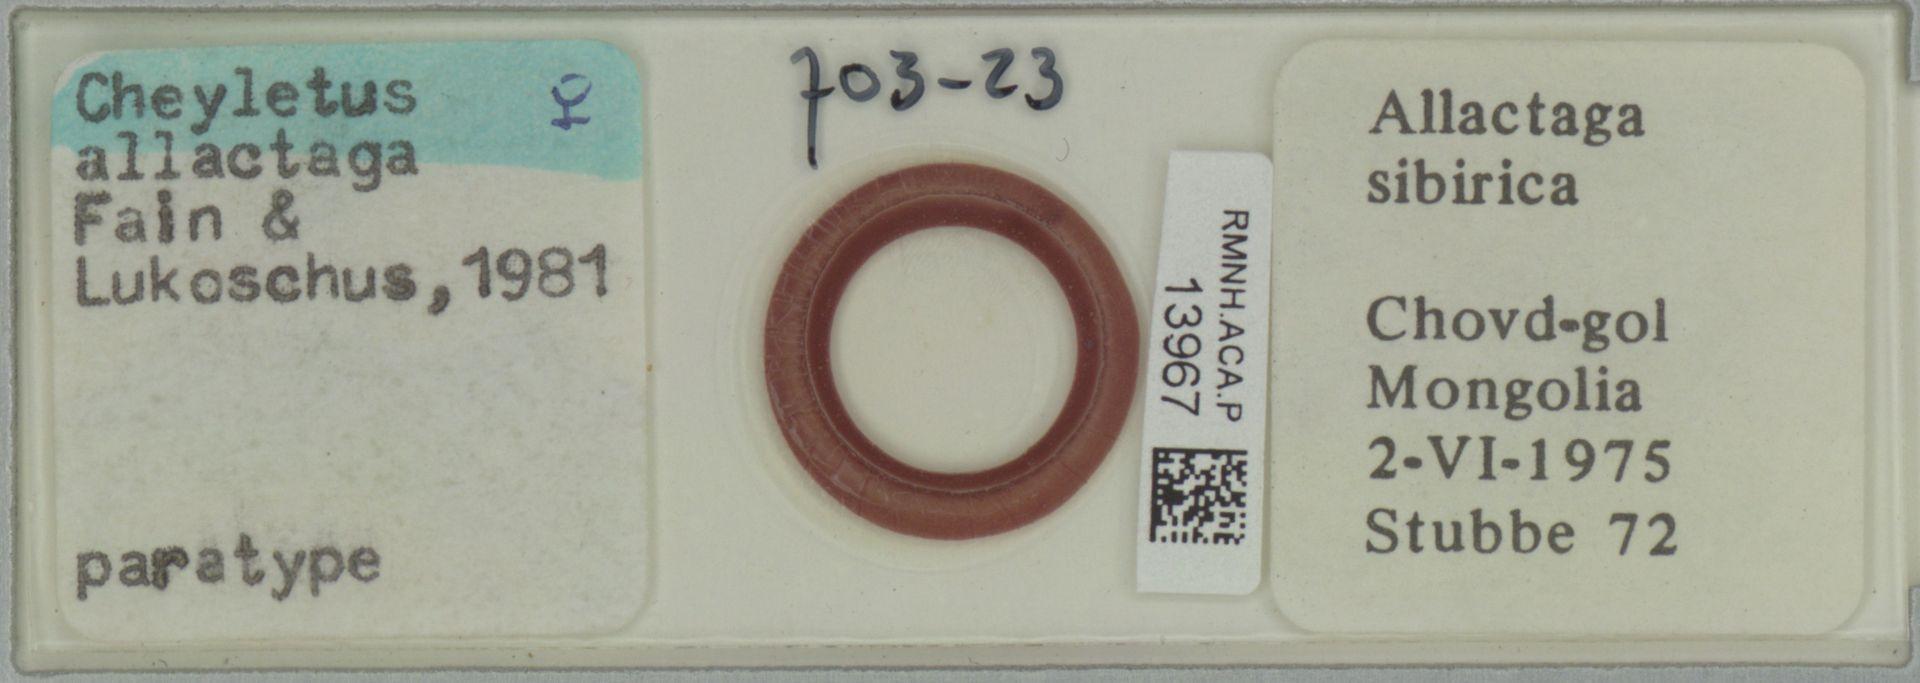 RMNH.ACA.P.13967 | Cheyletus allactaga Fain & Lukoschus, 1981